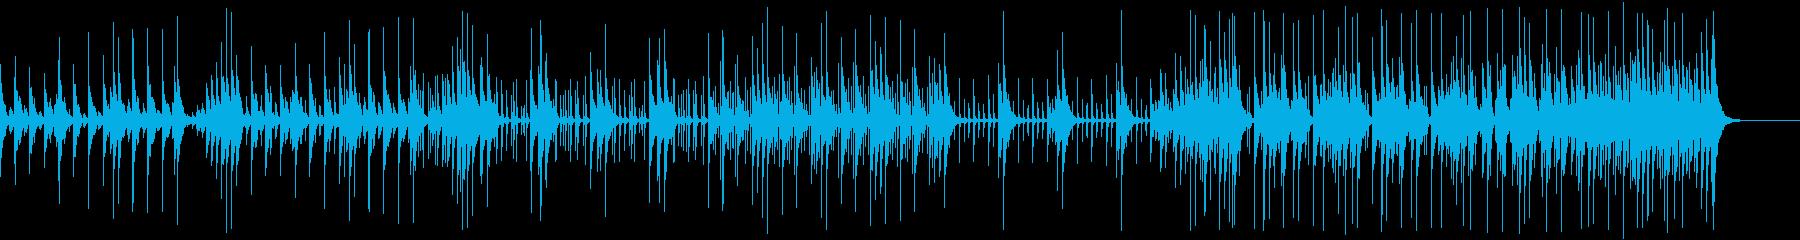 大太鼓と大拍子のアンサンブルの再生済みの波形